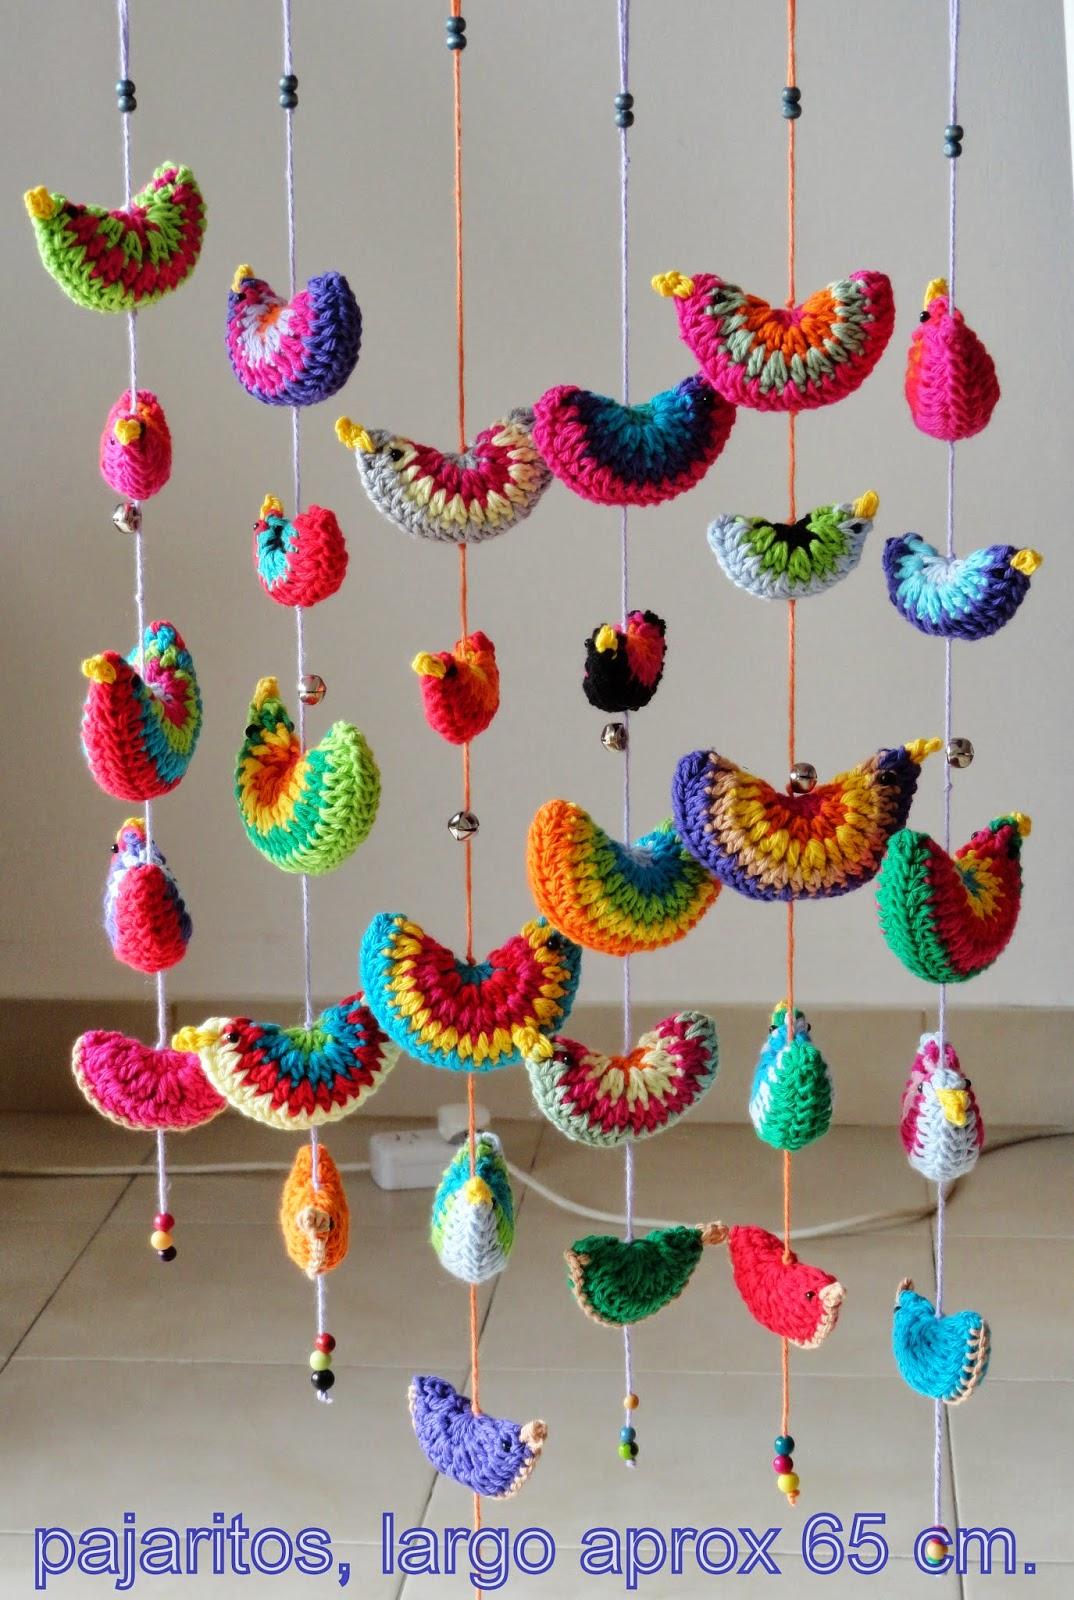 Amigurumis en un click m viles colgantes for Decoracion del hogar con crochet